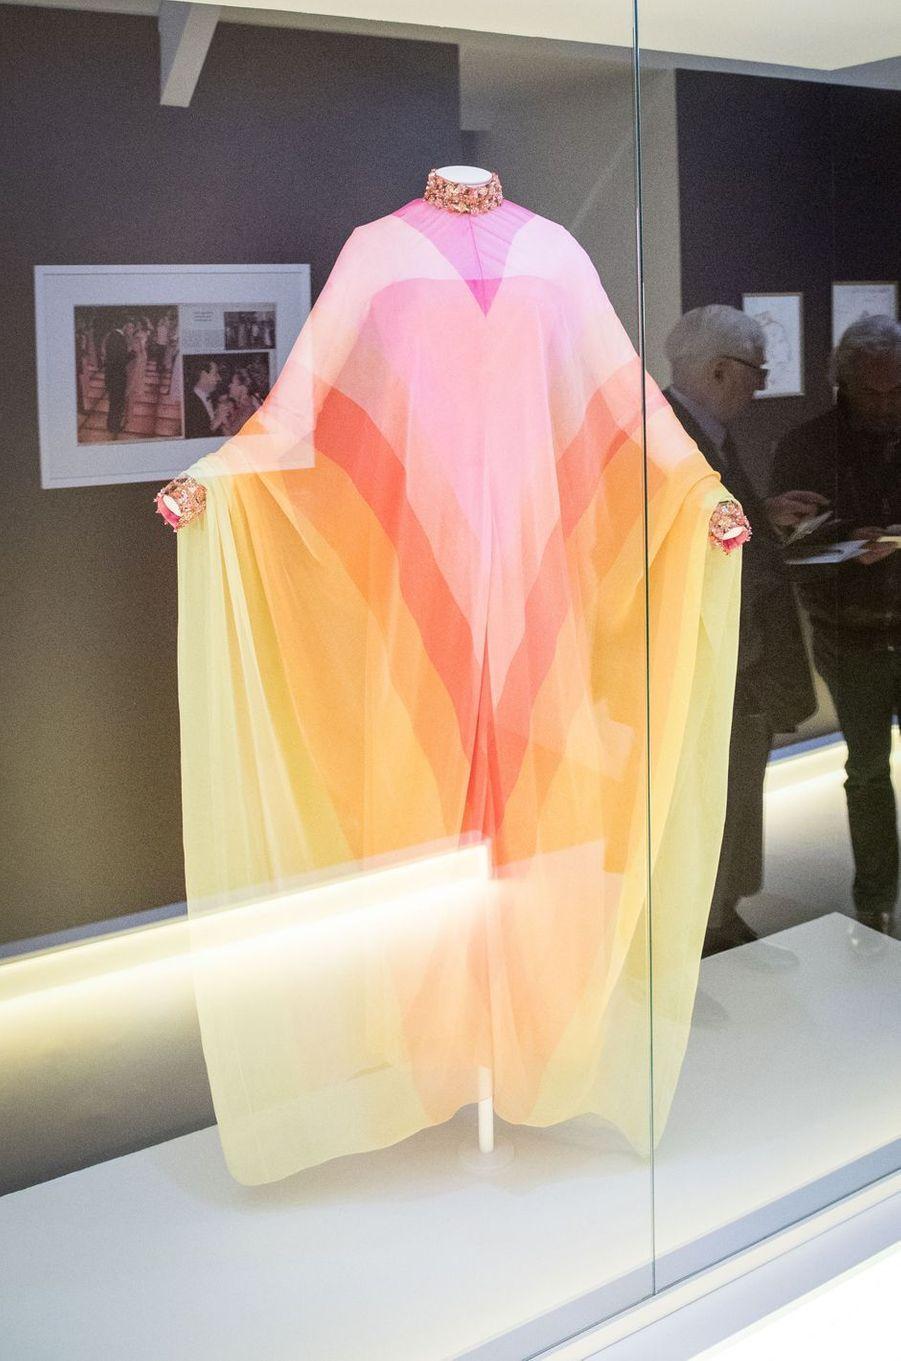 La robe du soir en mousseline bayadère multicolore brodée de perles et de strass Christian Dior par Marc Bohan haute couture printemps-été 1967 (collection Dior Héritage Paris), lors de l'exposition à Granville le 25 avril 2019